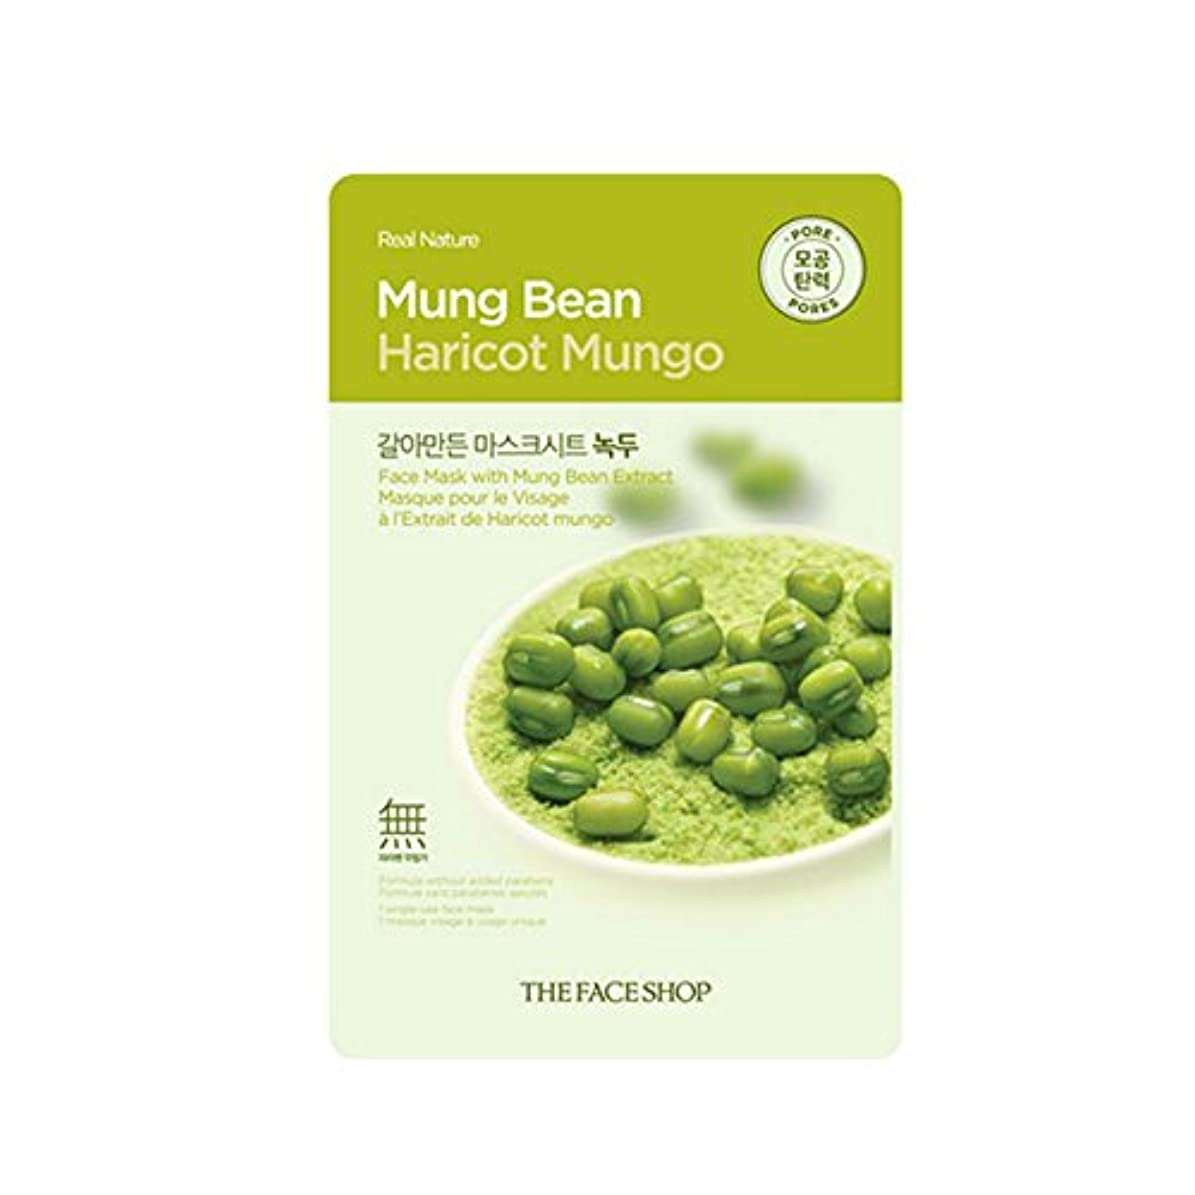 やさしい推進力油[The Face Shop] ザフェイスショップ リアルネイチャーマスクシート Real Nature Mask Sheet (Mung Bean (緑豆) 10個) [並行輸入品]